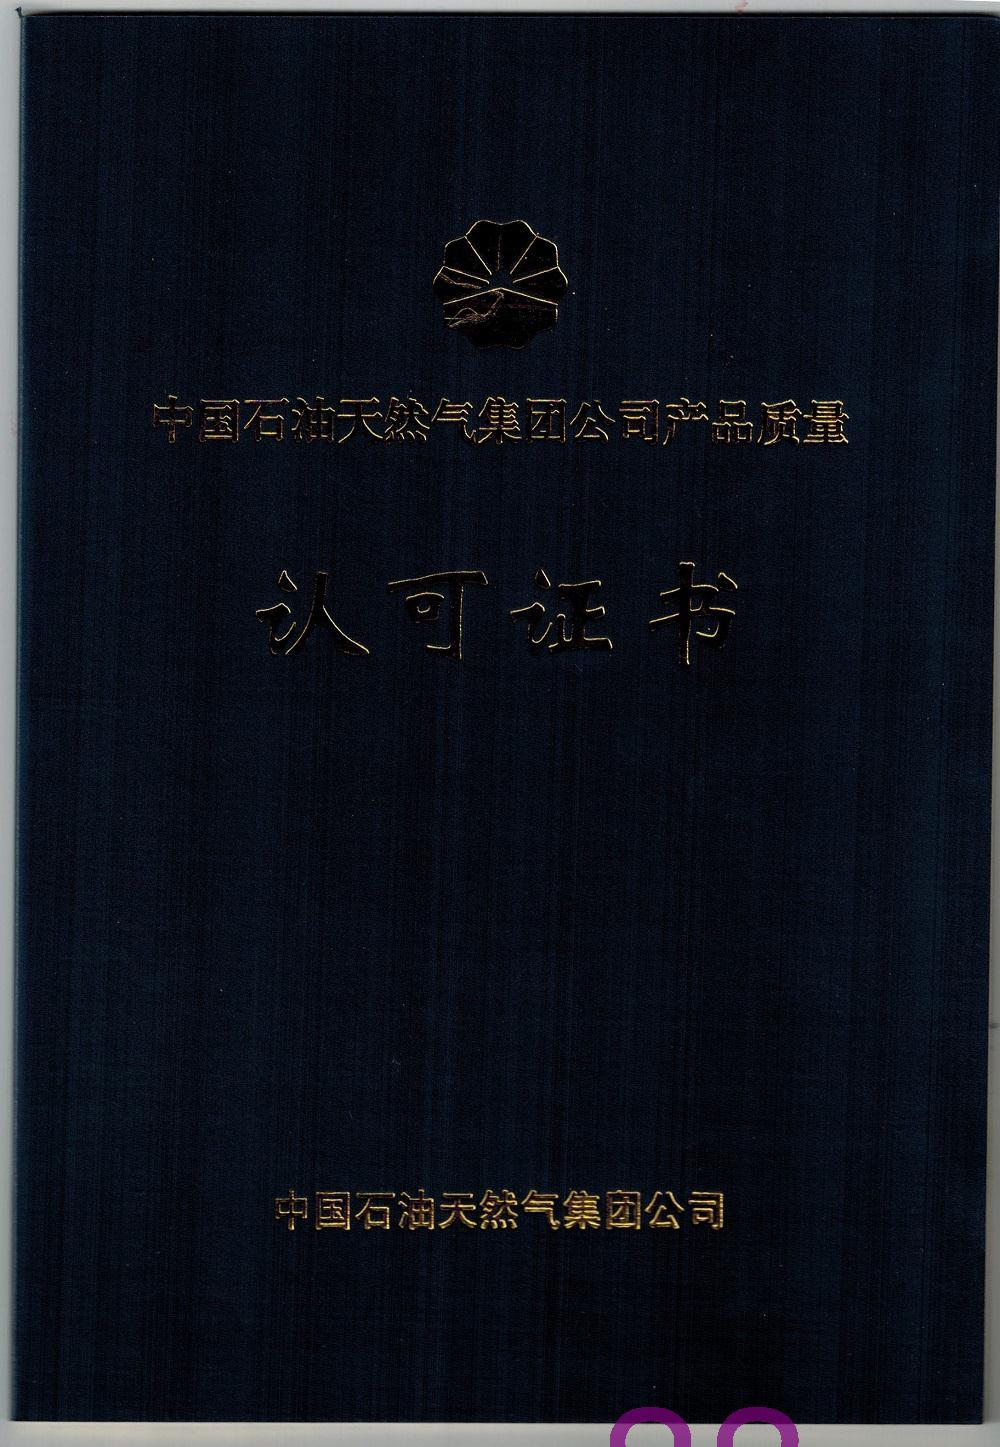 中国石油天然气集团公司认可证书